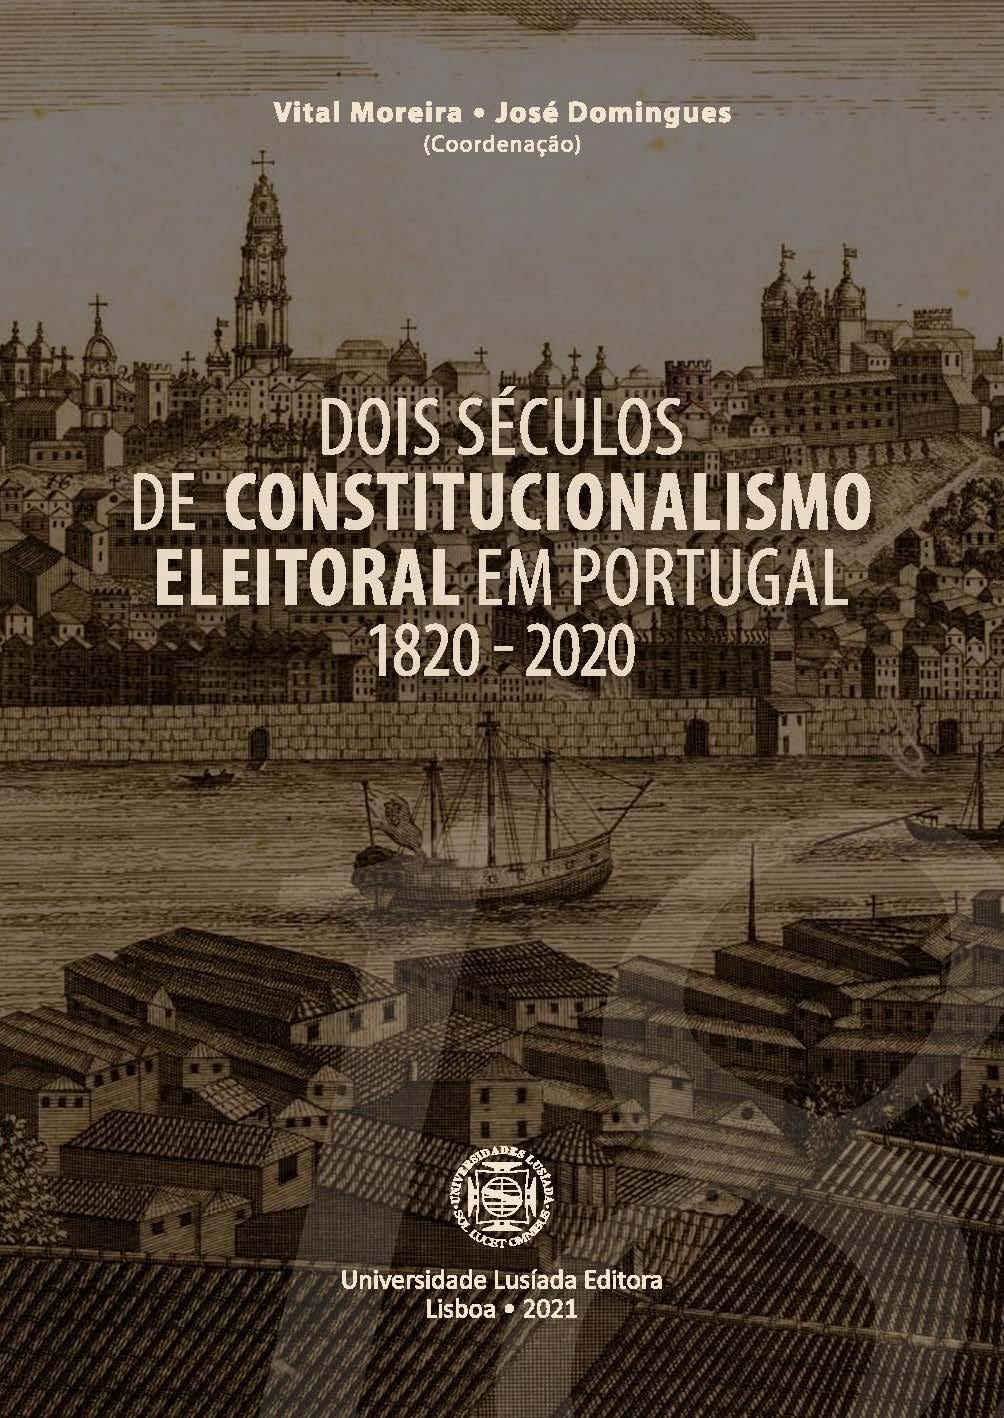 Dois séculos de constitucionalismo eleitoral em Portugal: 1820-2020